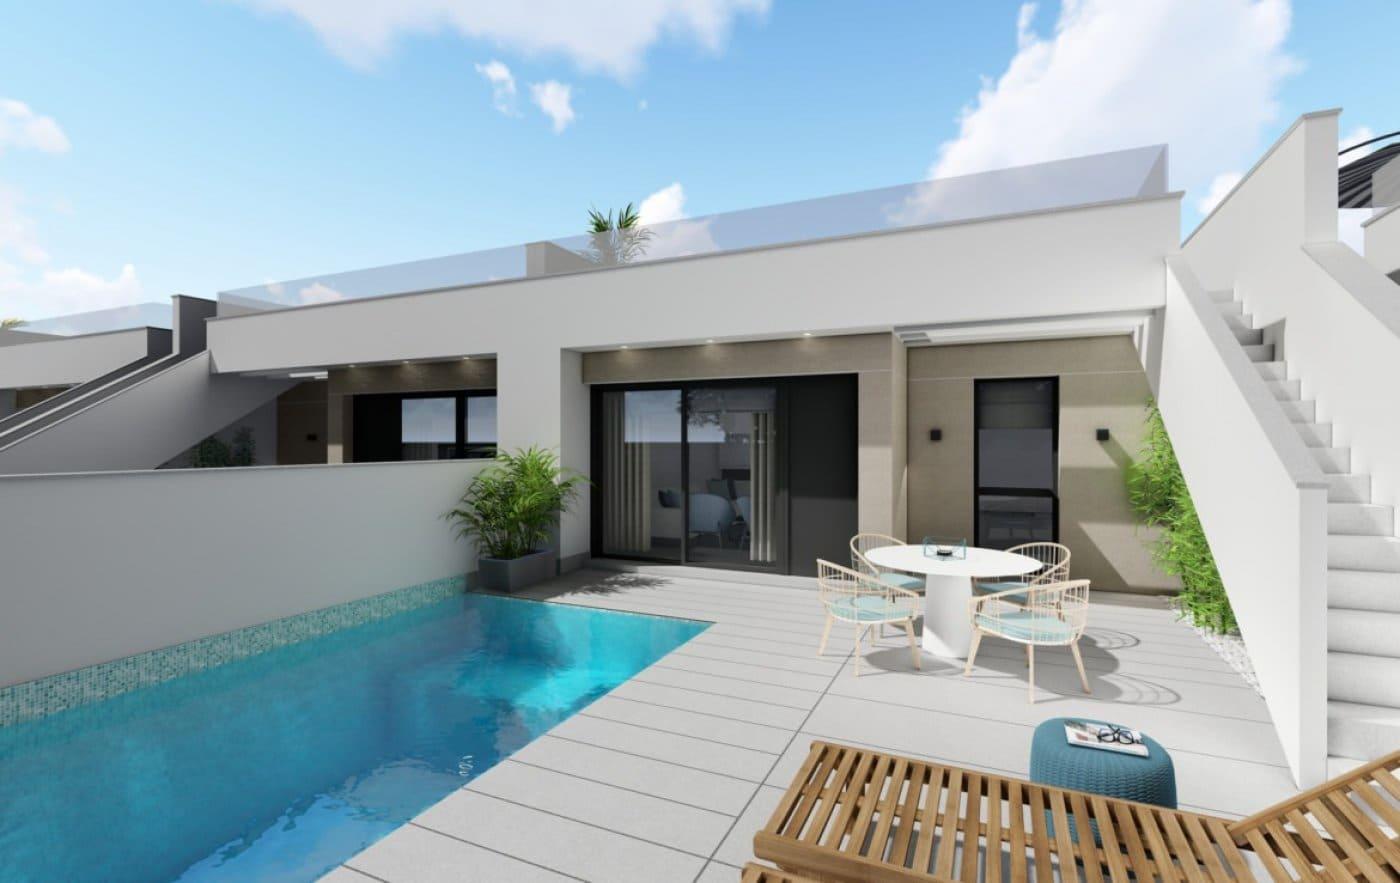 Chalet de 2 habitaciones en Pilar de la Horadada en venta con piscina - 209.900 € (Ref: 4699736)